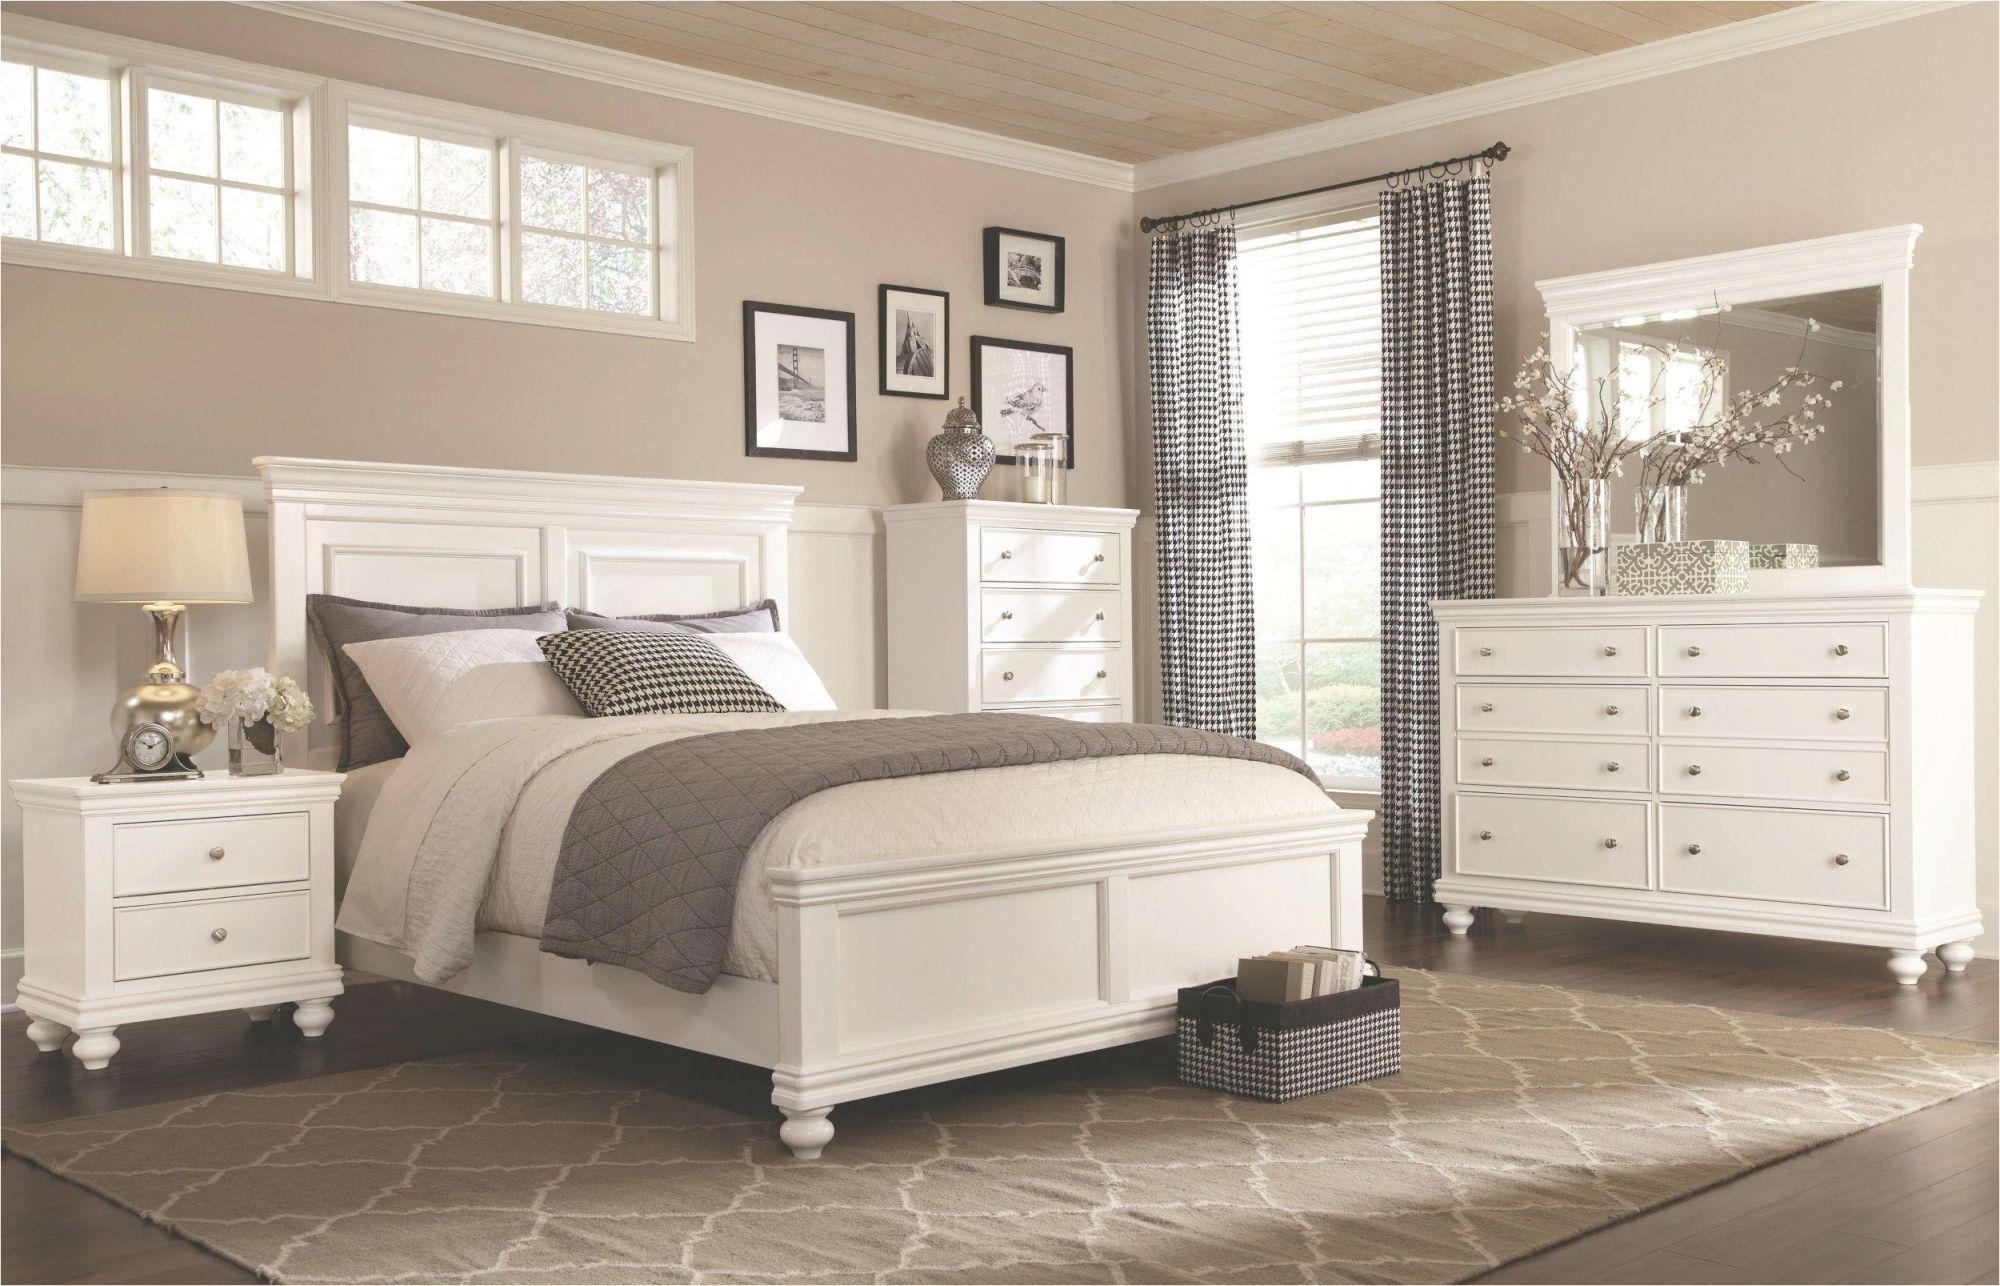 Levin Furniture Outlet | Bradshomefurnishings for Levin Furniture Bedroom Sets